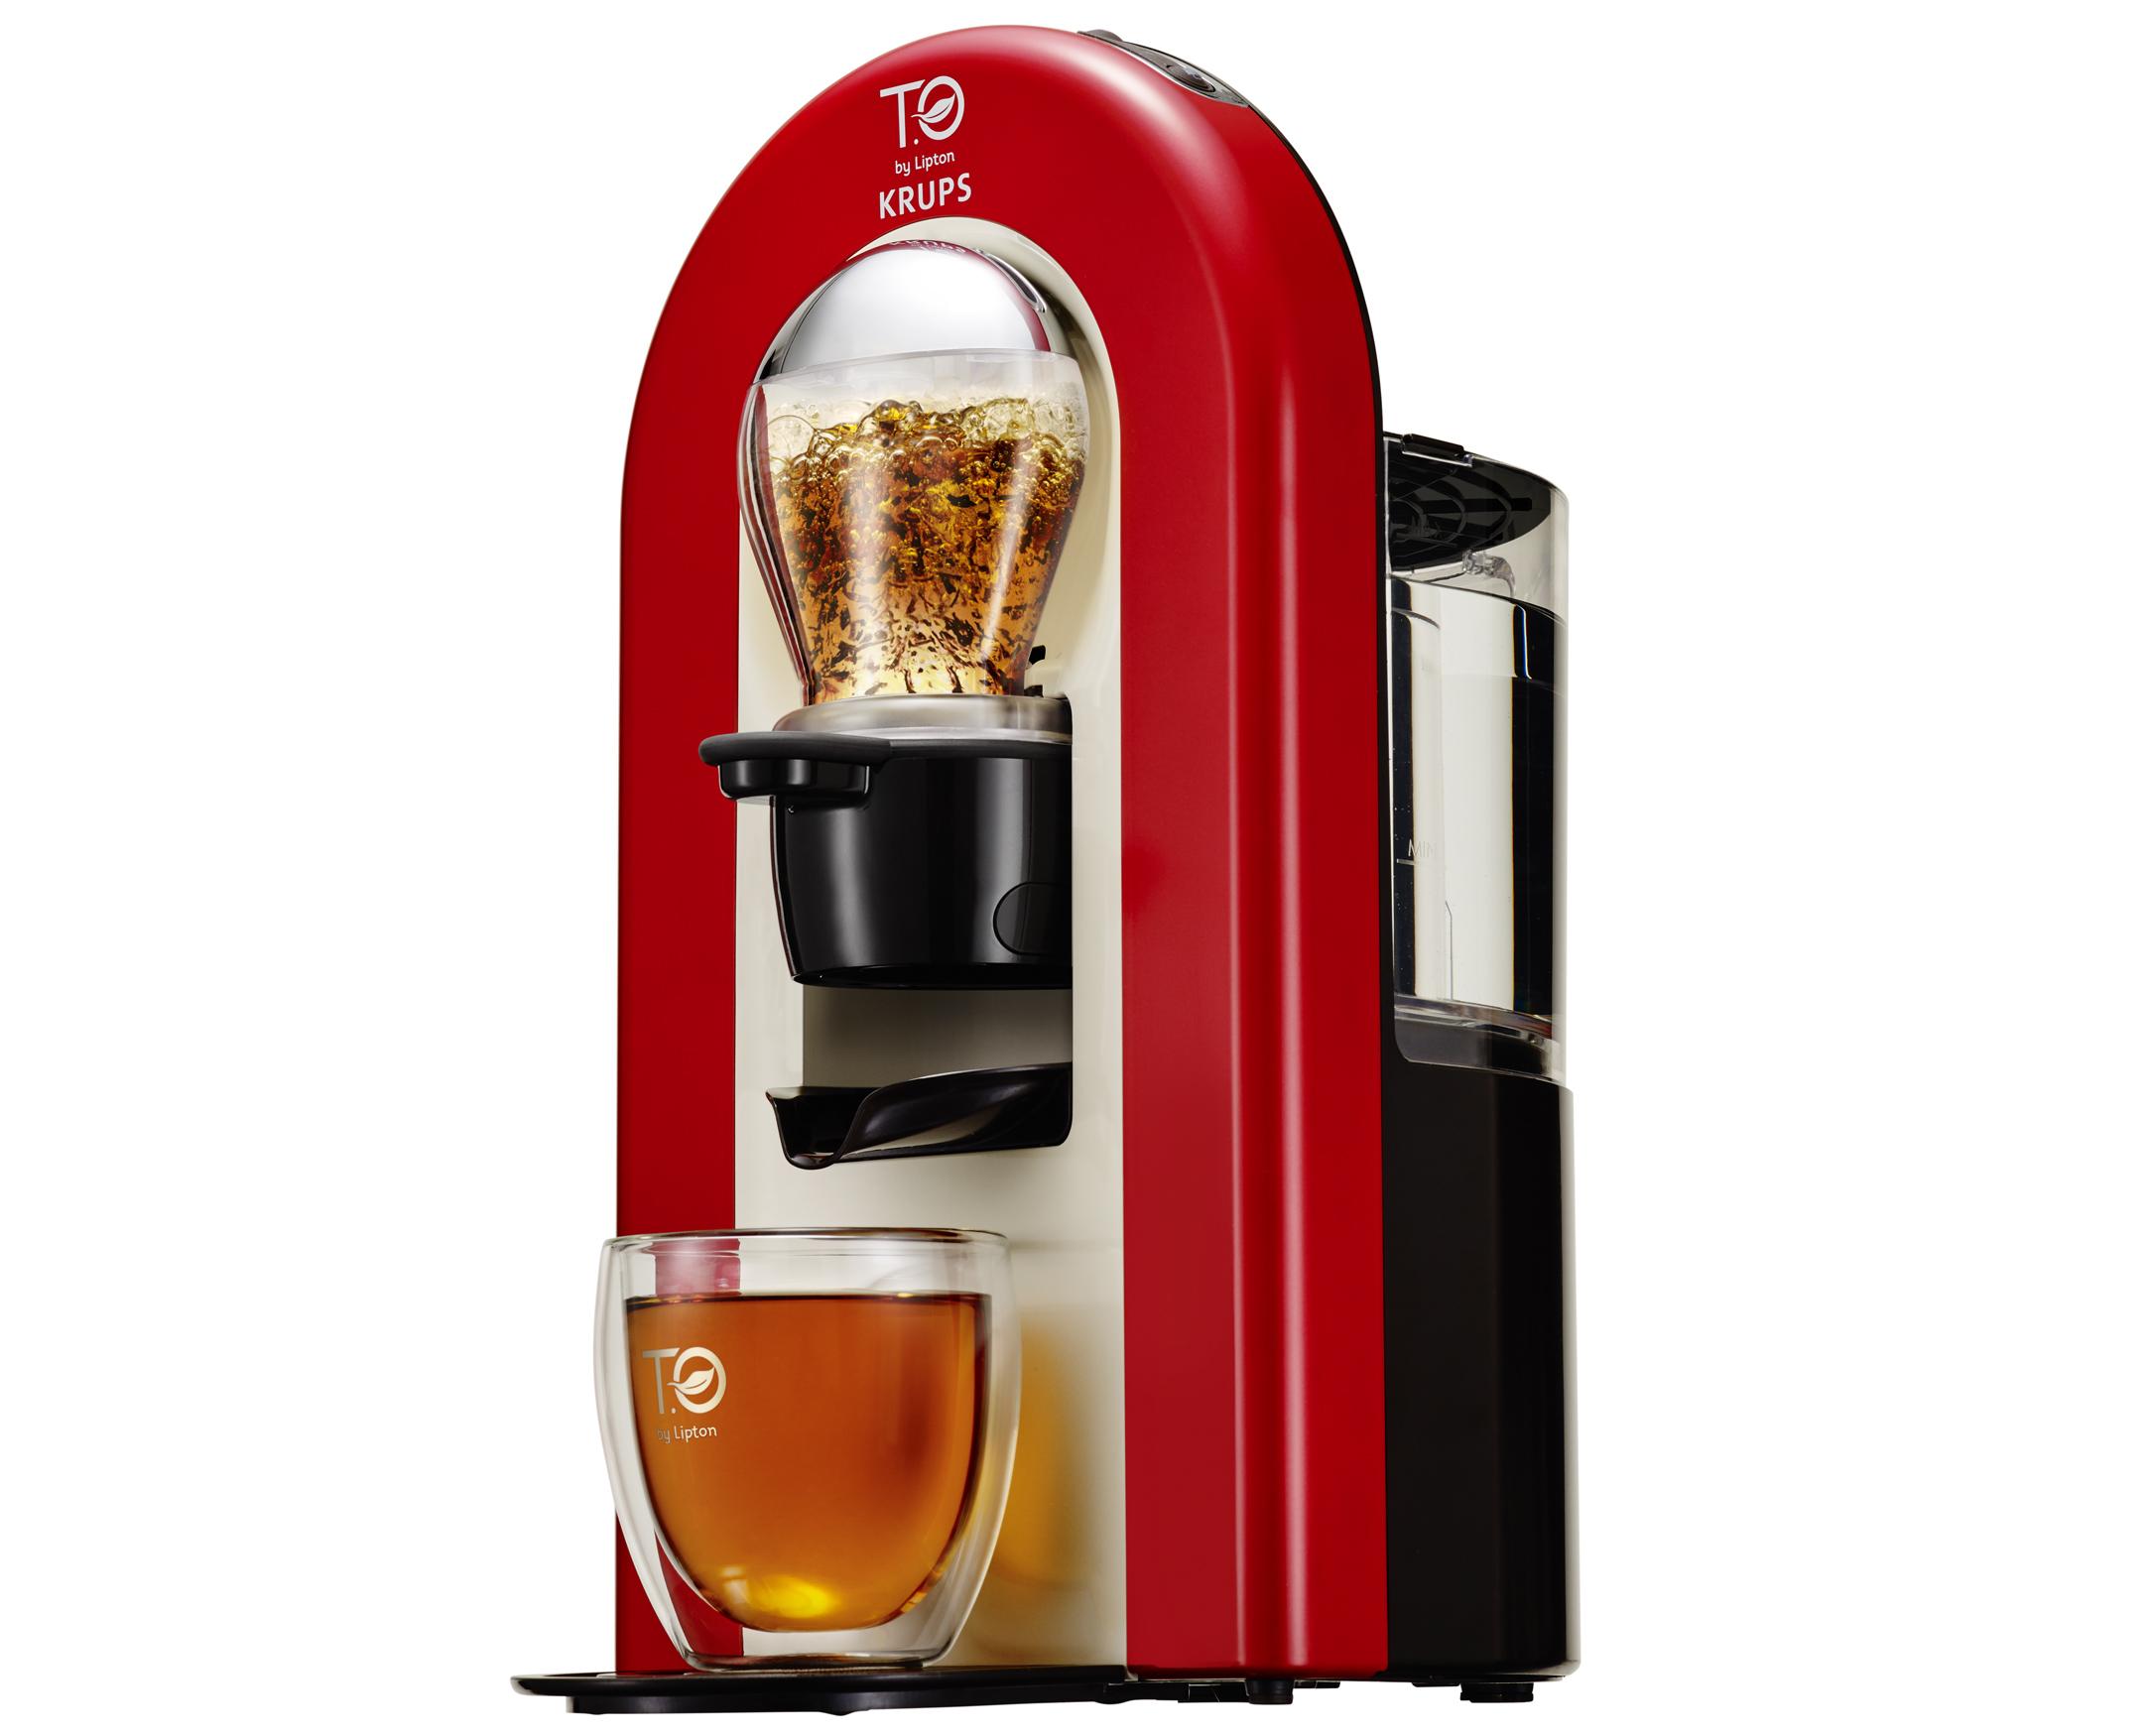 sabl de no l la nouvelle saveur t o by lipton faire le tour du monde en parfums. Black Bedroom Furniture Sets. Home Design Ideas